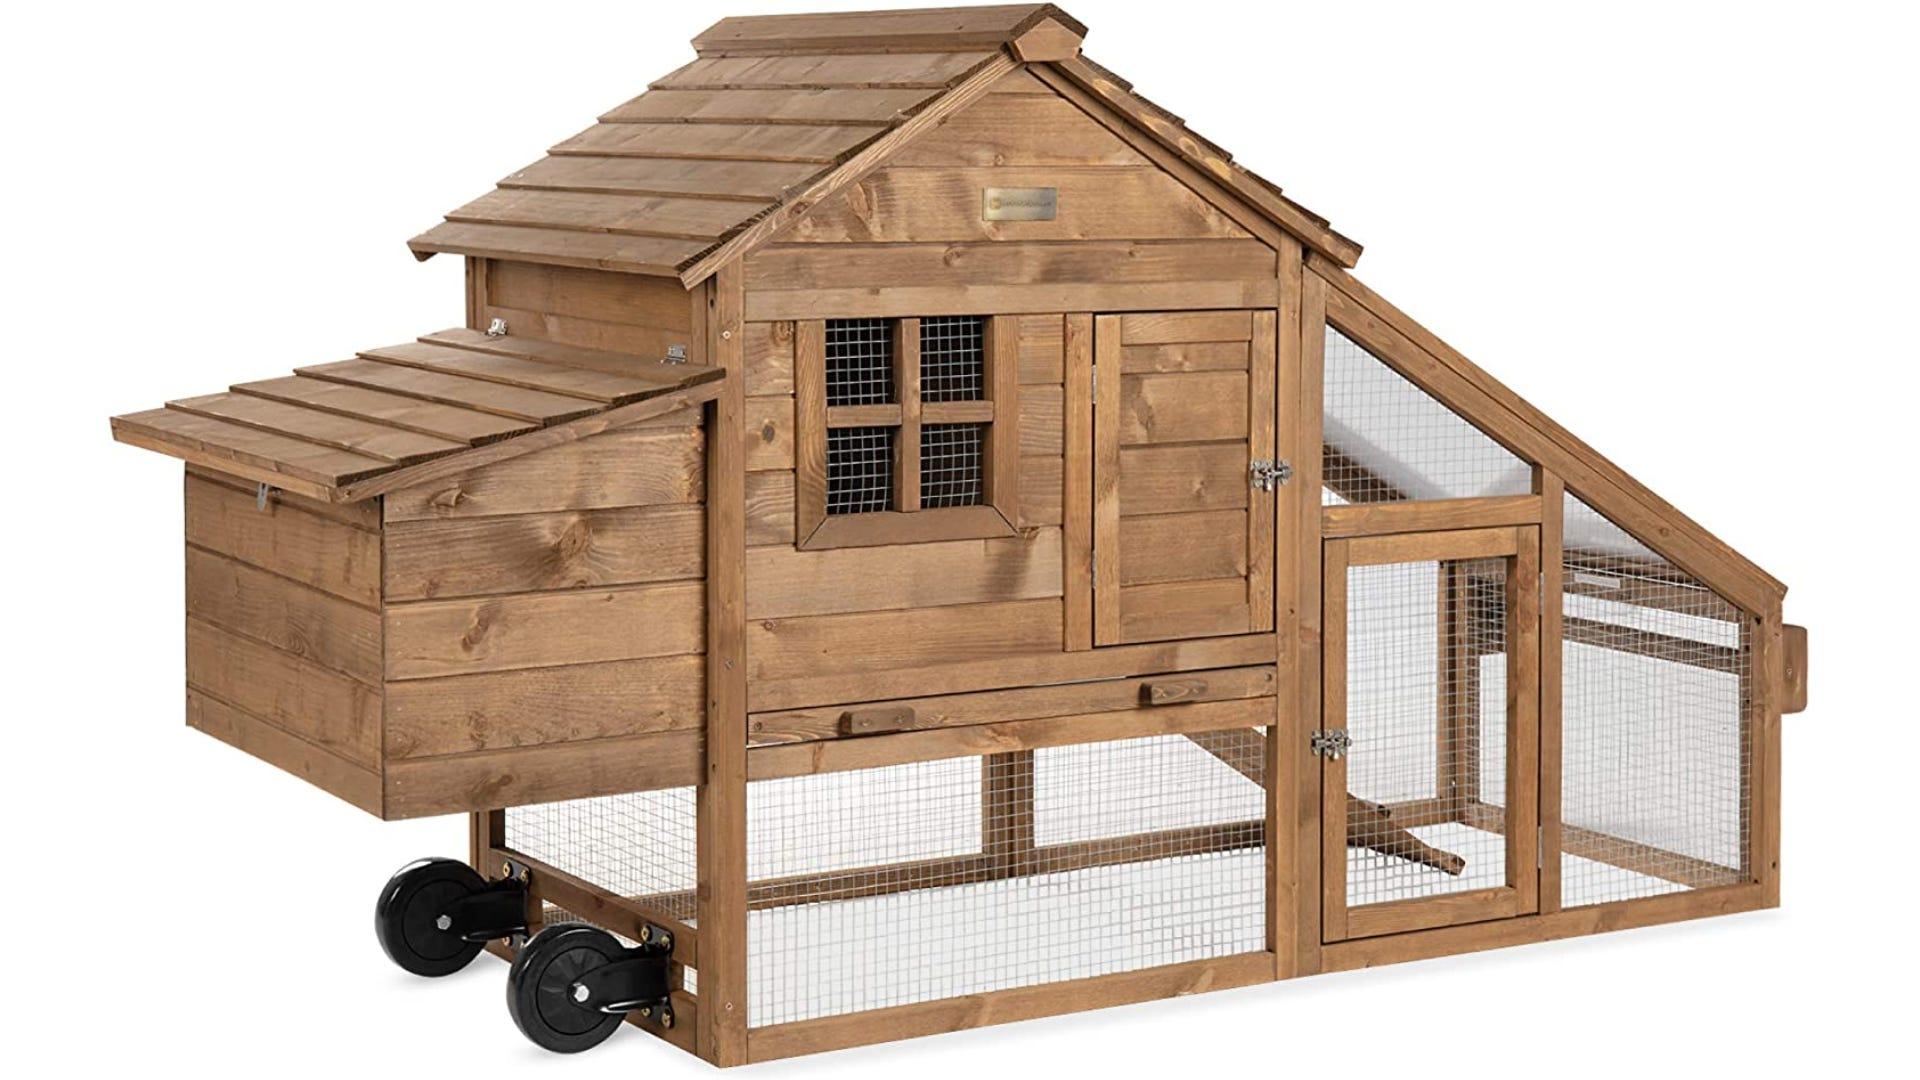 Wooden chicken coop with built-in wheels.